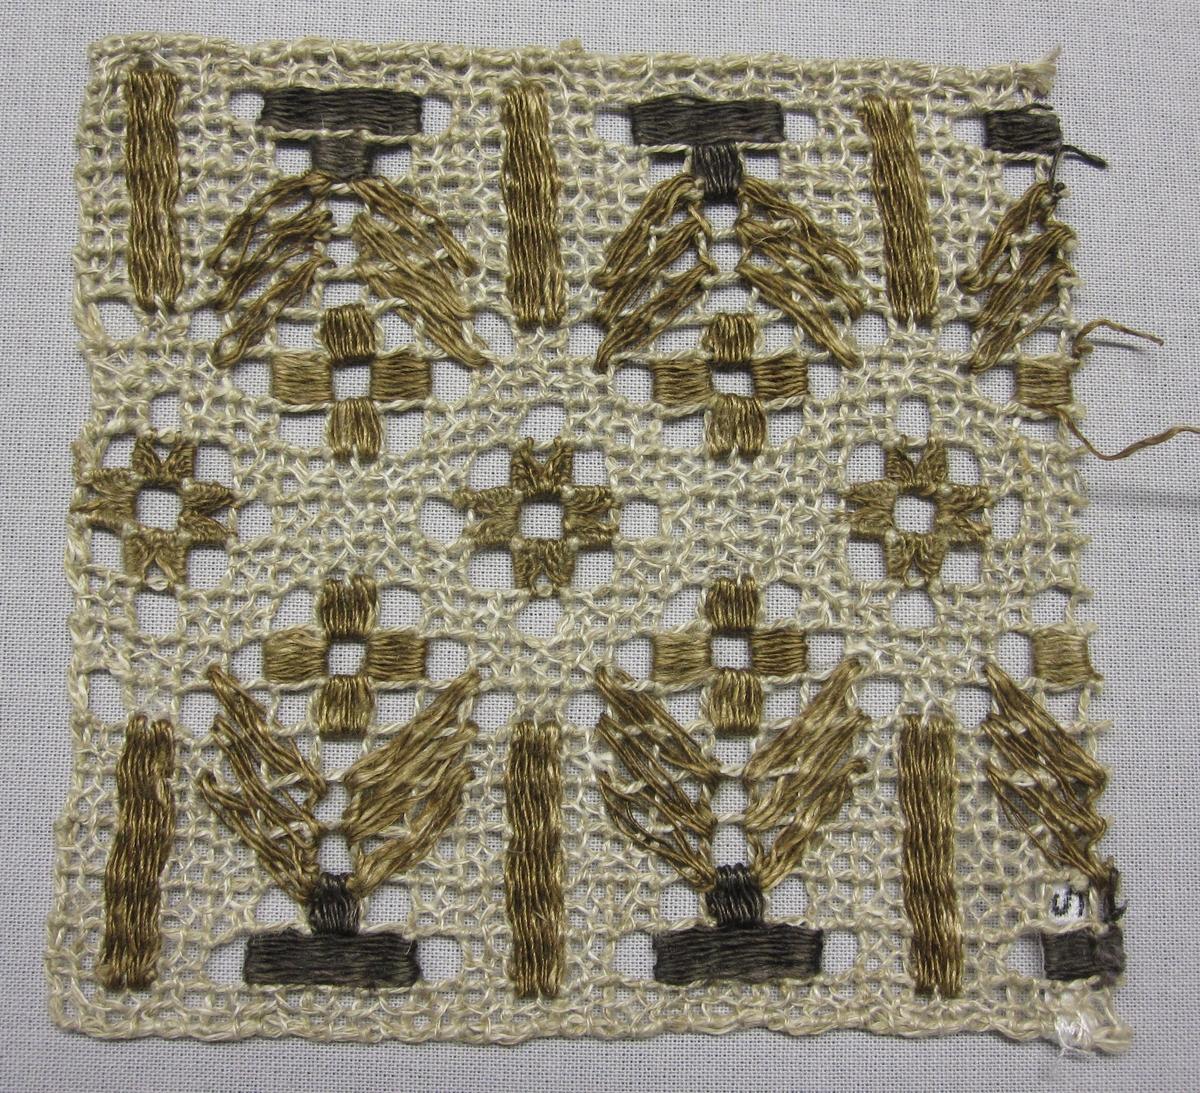 Knytprov/spetsprov av filéknutet nät med trätt mönster, knutet och trätt. Nät av rakställda rutor med tätare trädningar i stoppstygn i brunt och guldbrunt vilka bildar blommor och stjärnor på singlad/glesare trädd botten i oblekt lingarn.Oblekt lingarn i nät. Trädningar i brunt, guldbrunt och oblekt lingarn.